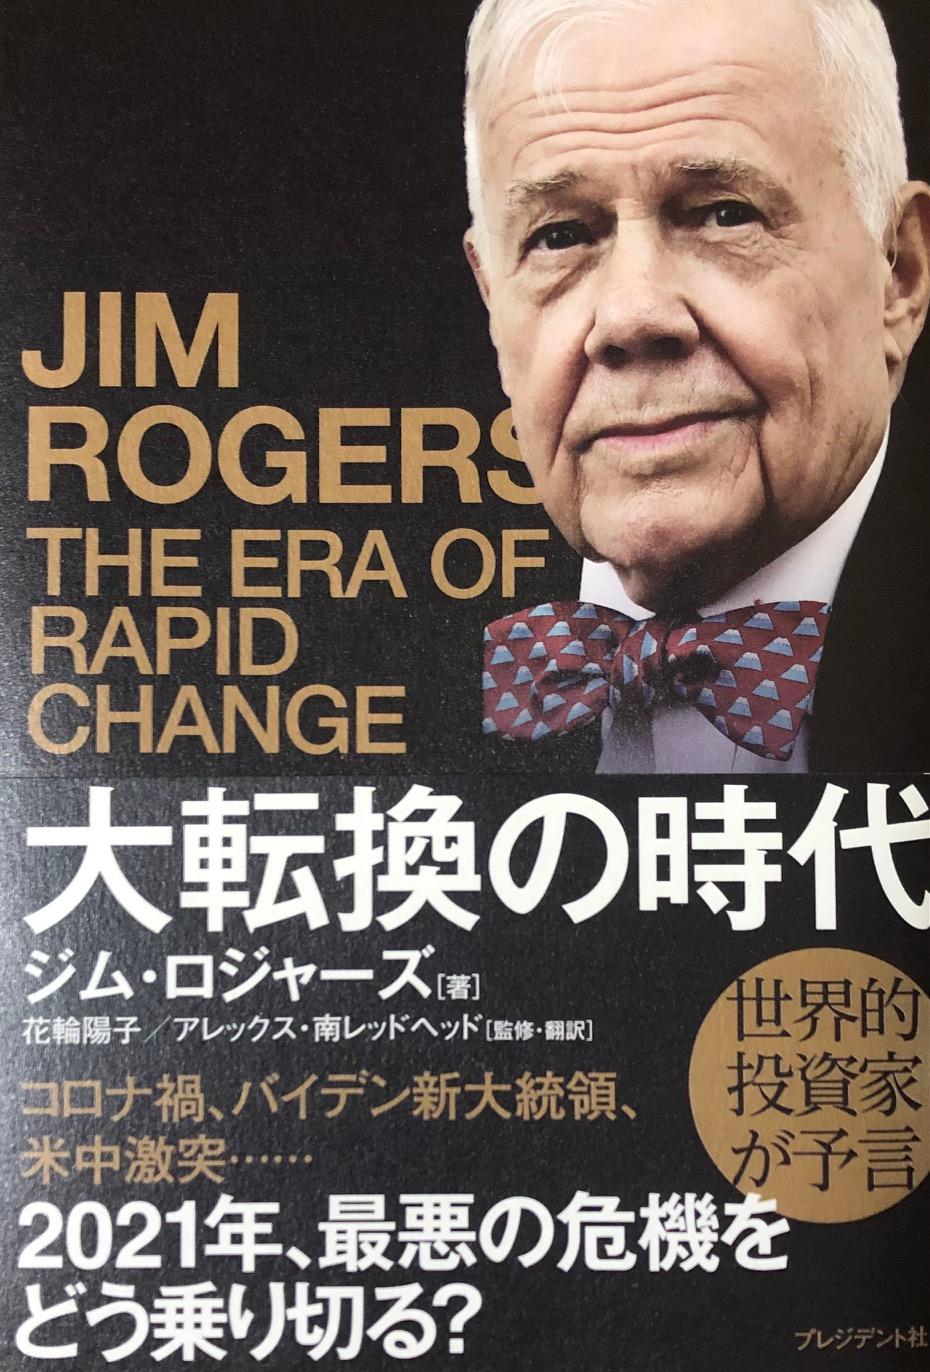 【大転換の時代】世界的投資家が予言!ジム・ロジャーズの本!要約・感想!